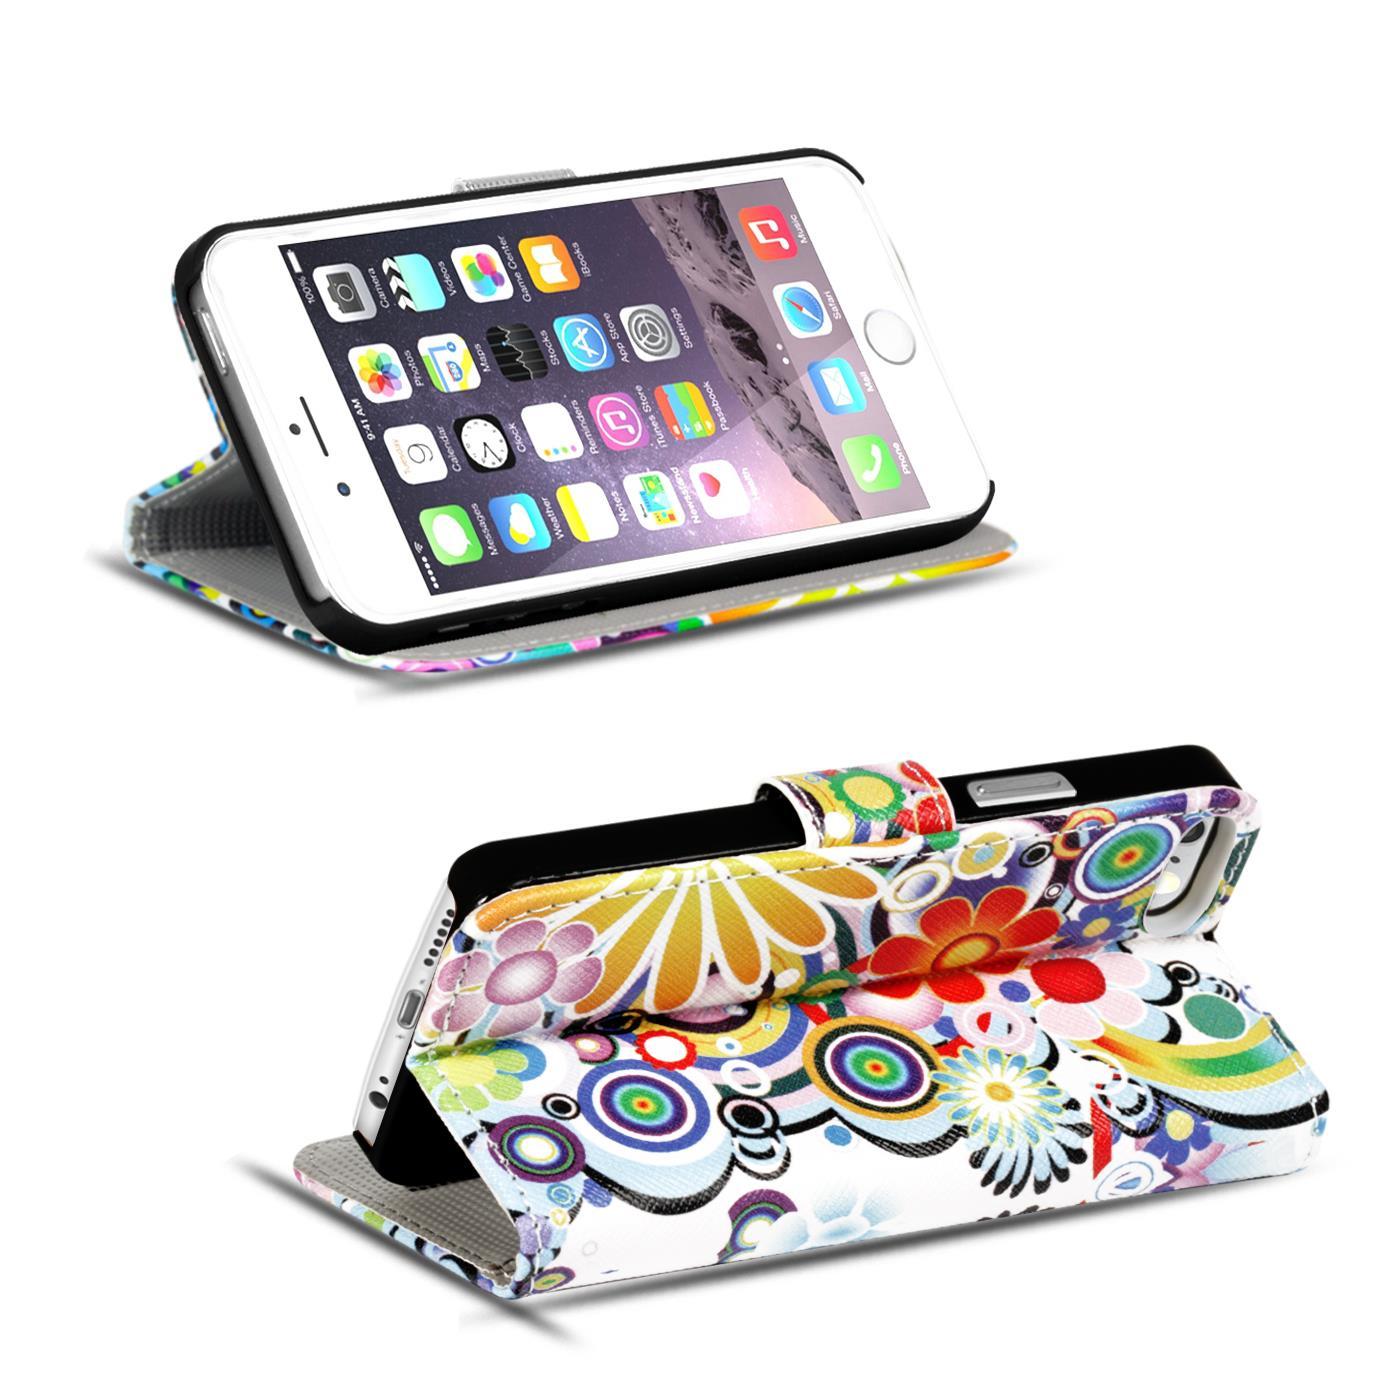 Handy-Huelle-Apple-iPhone-8-Plus-Flip-Cover-Case-Schutz-Tasche-Etui-Motiv-Wallet Indexbild 12